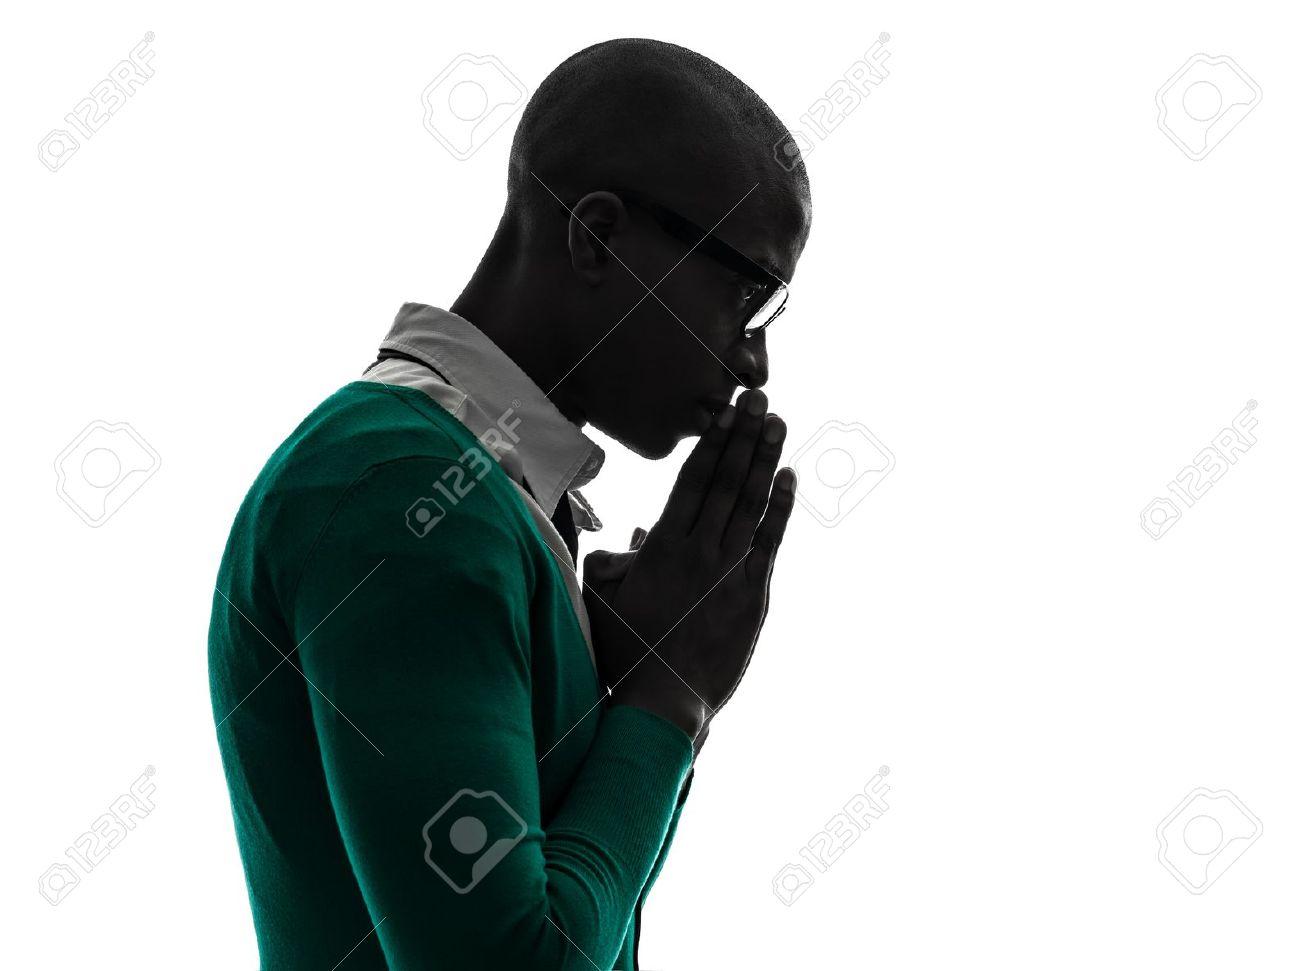 Man Praying Stock Photos Images. Royalty Free Man Praying Images.